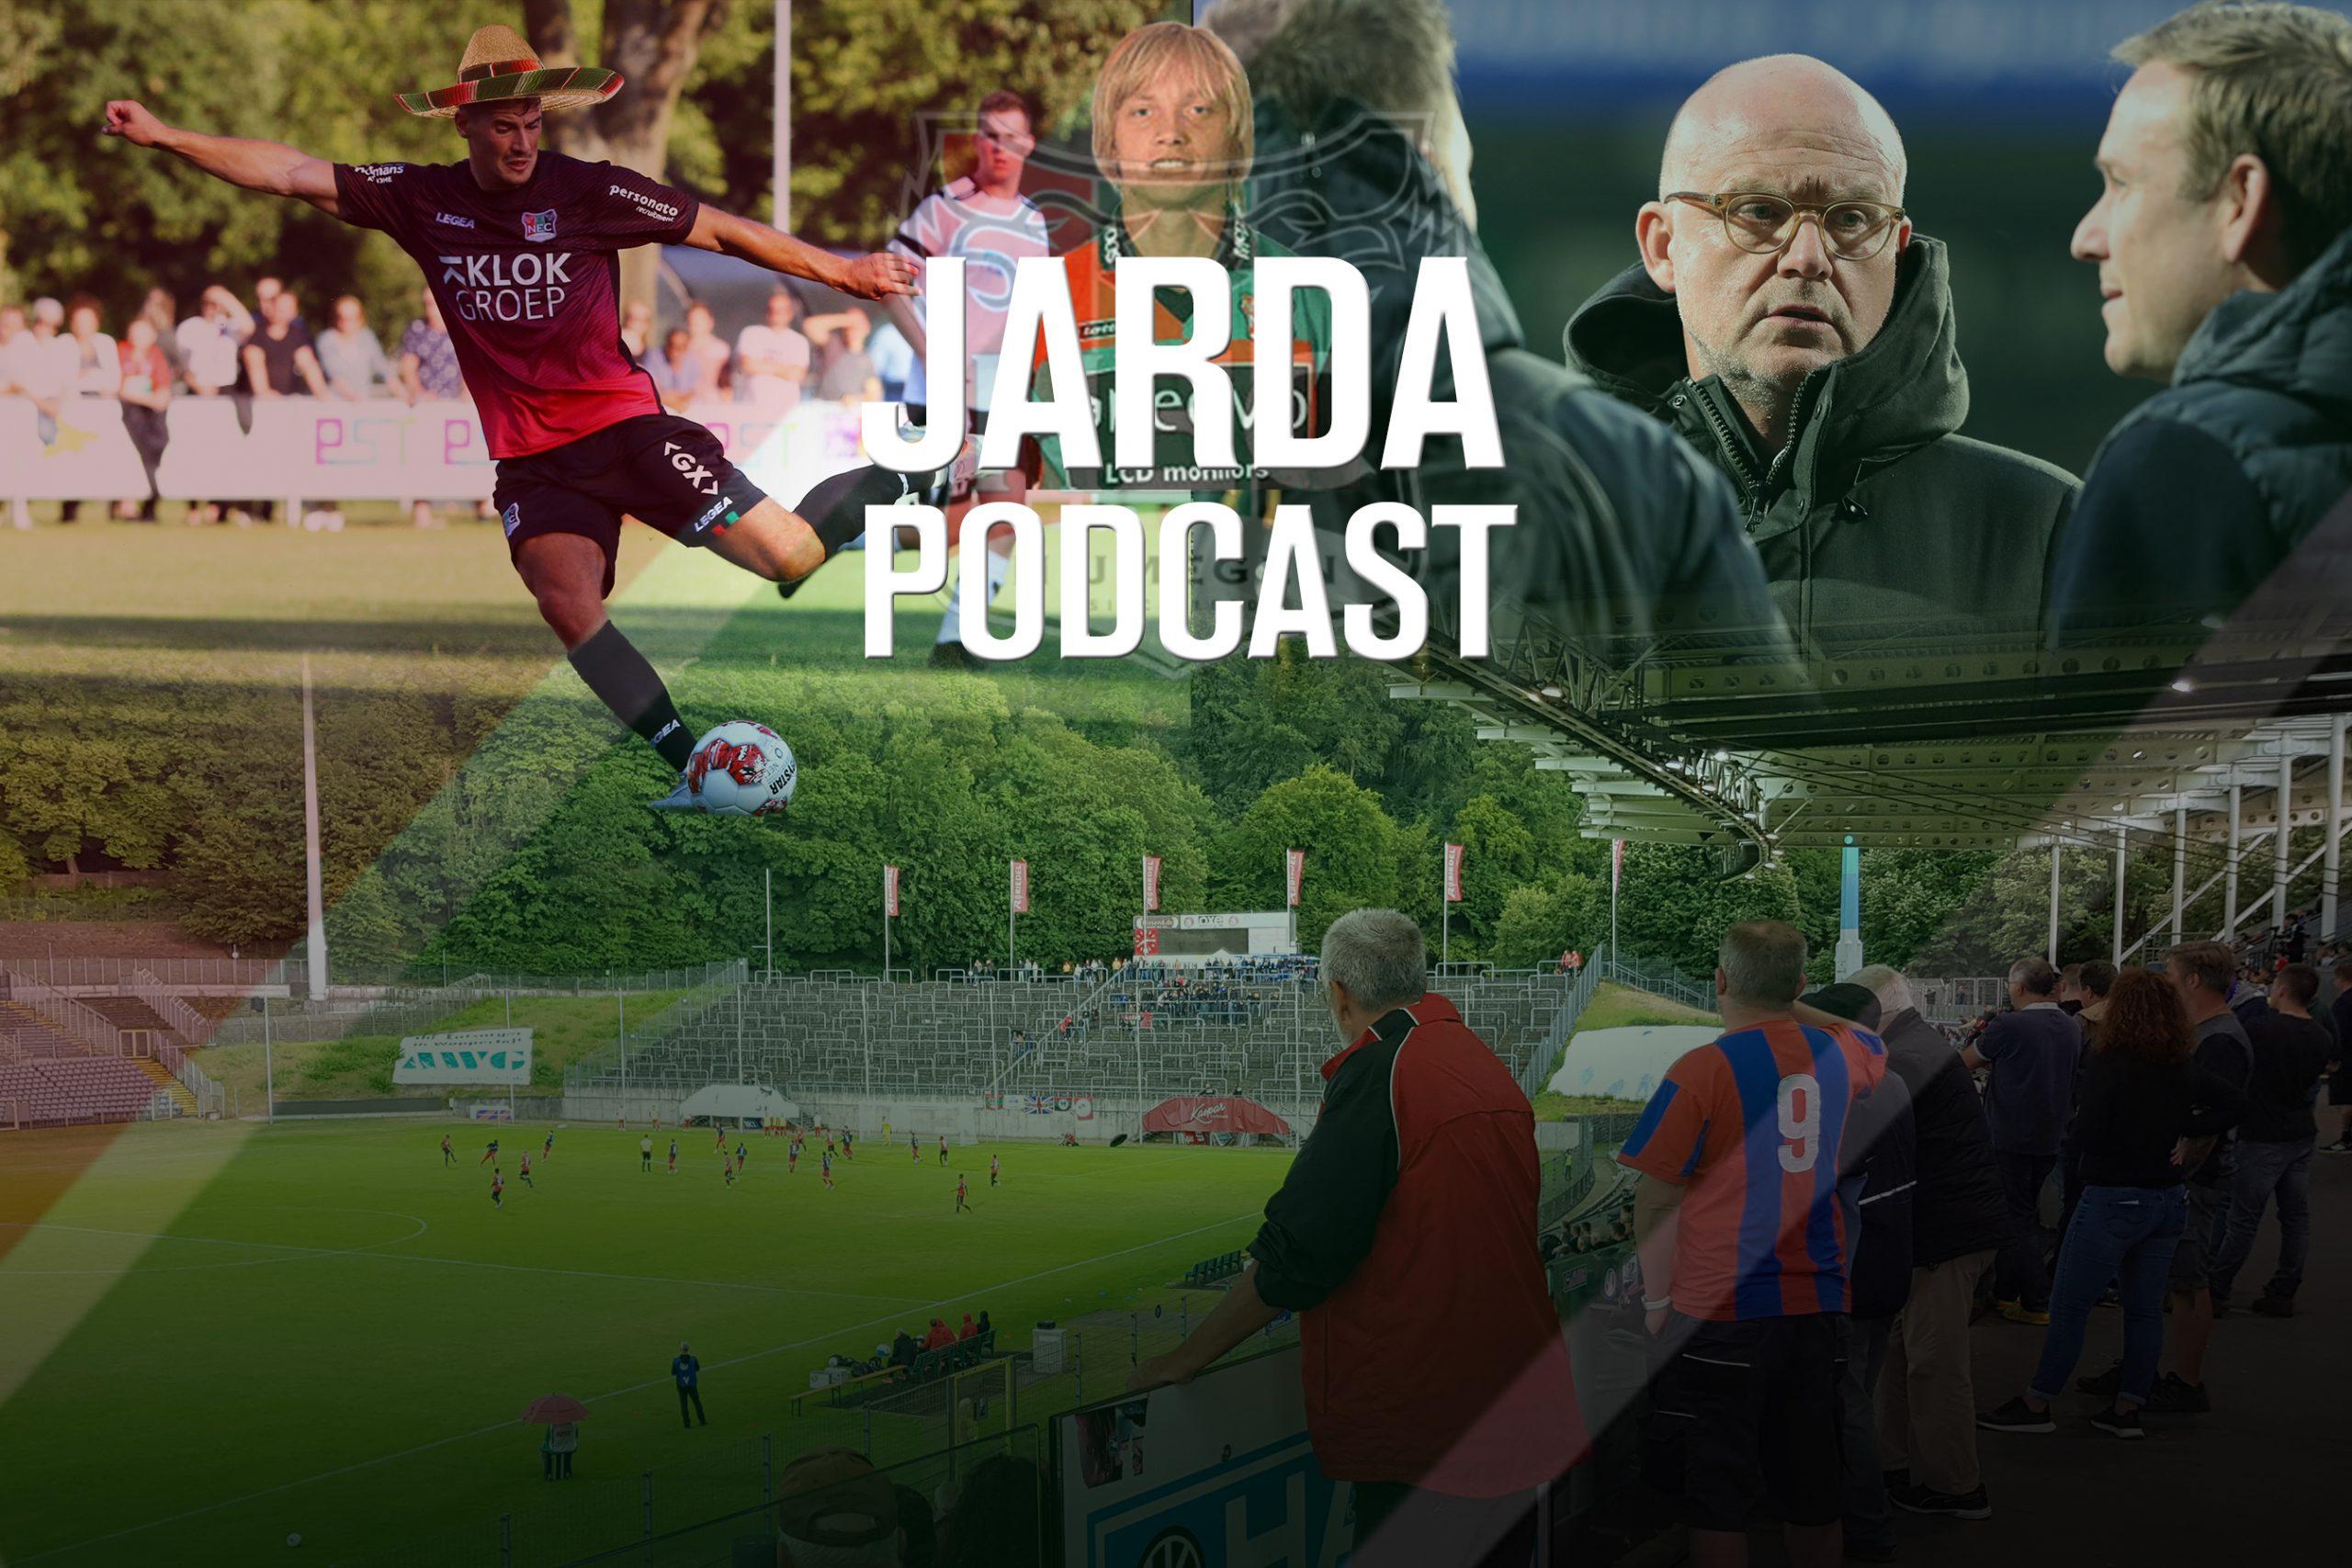 Jarda Podcast #12: Cult in Wuppertal en de sombrero van Braken